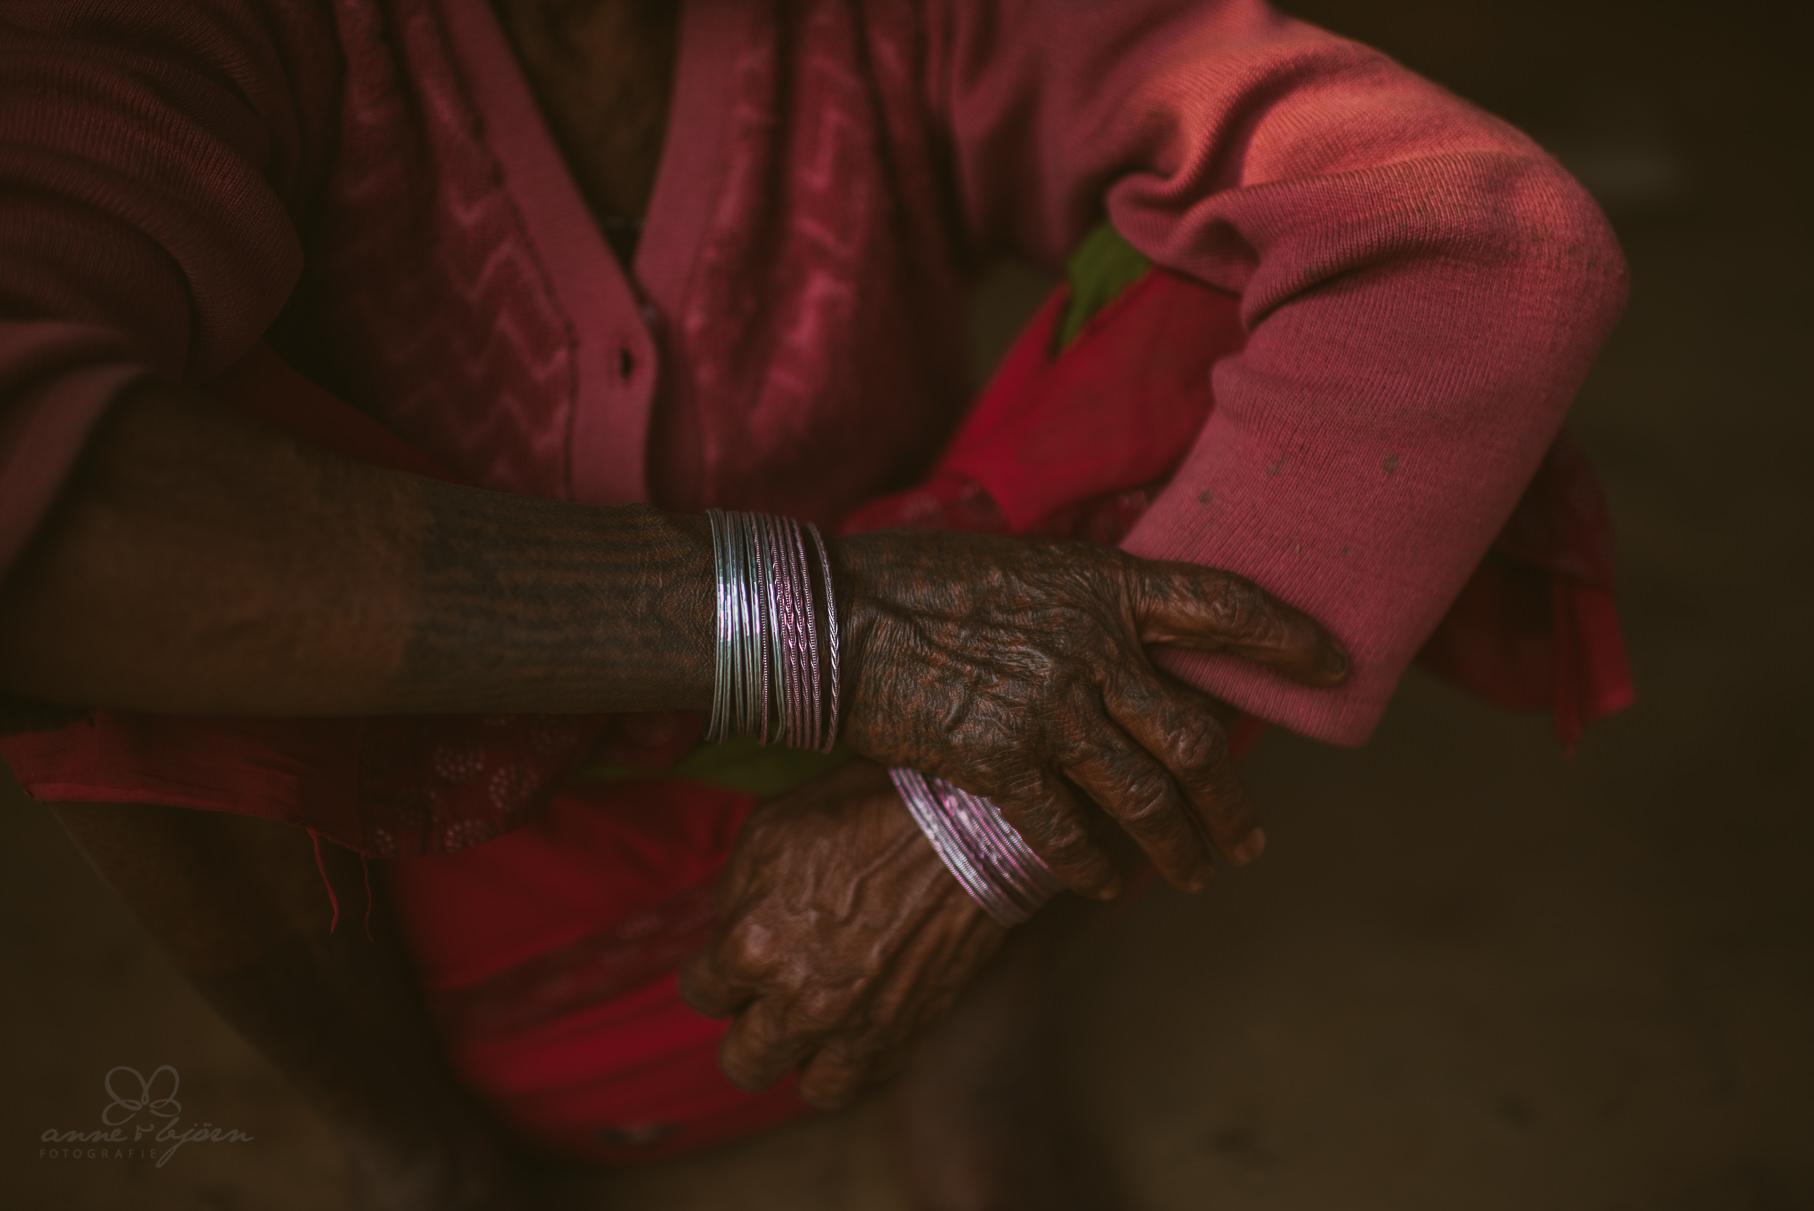 0049 anne und bjoern chitwan nationalpark nepal 811 1430 2 - Nepal Teil 3 - Roadtrip, Chitwan Nationalpark und eine spontane Hochzeit